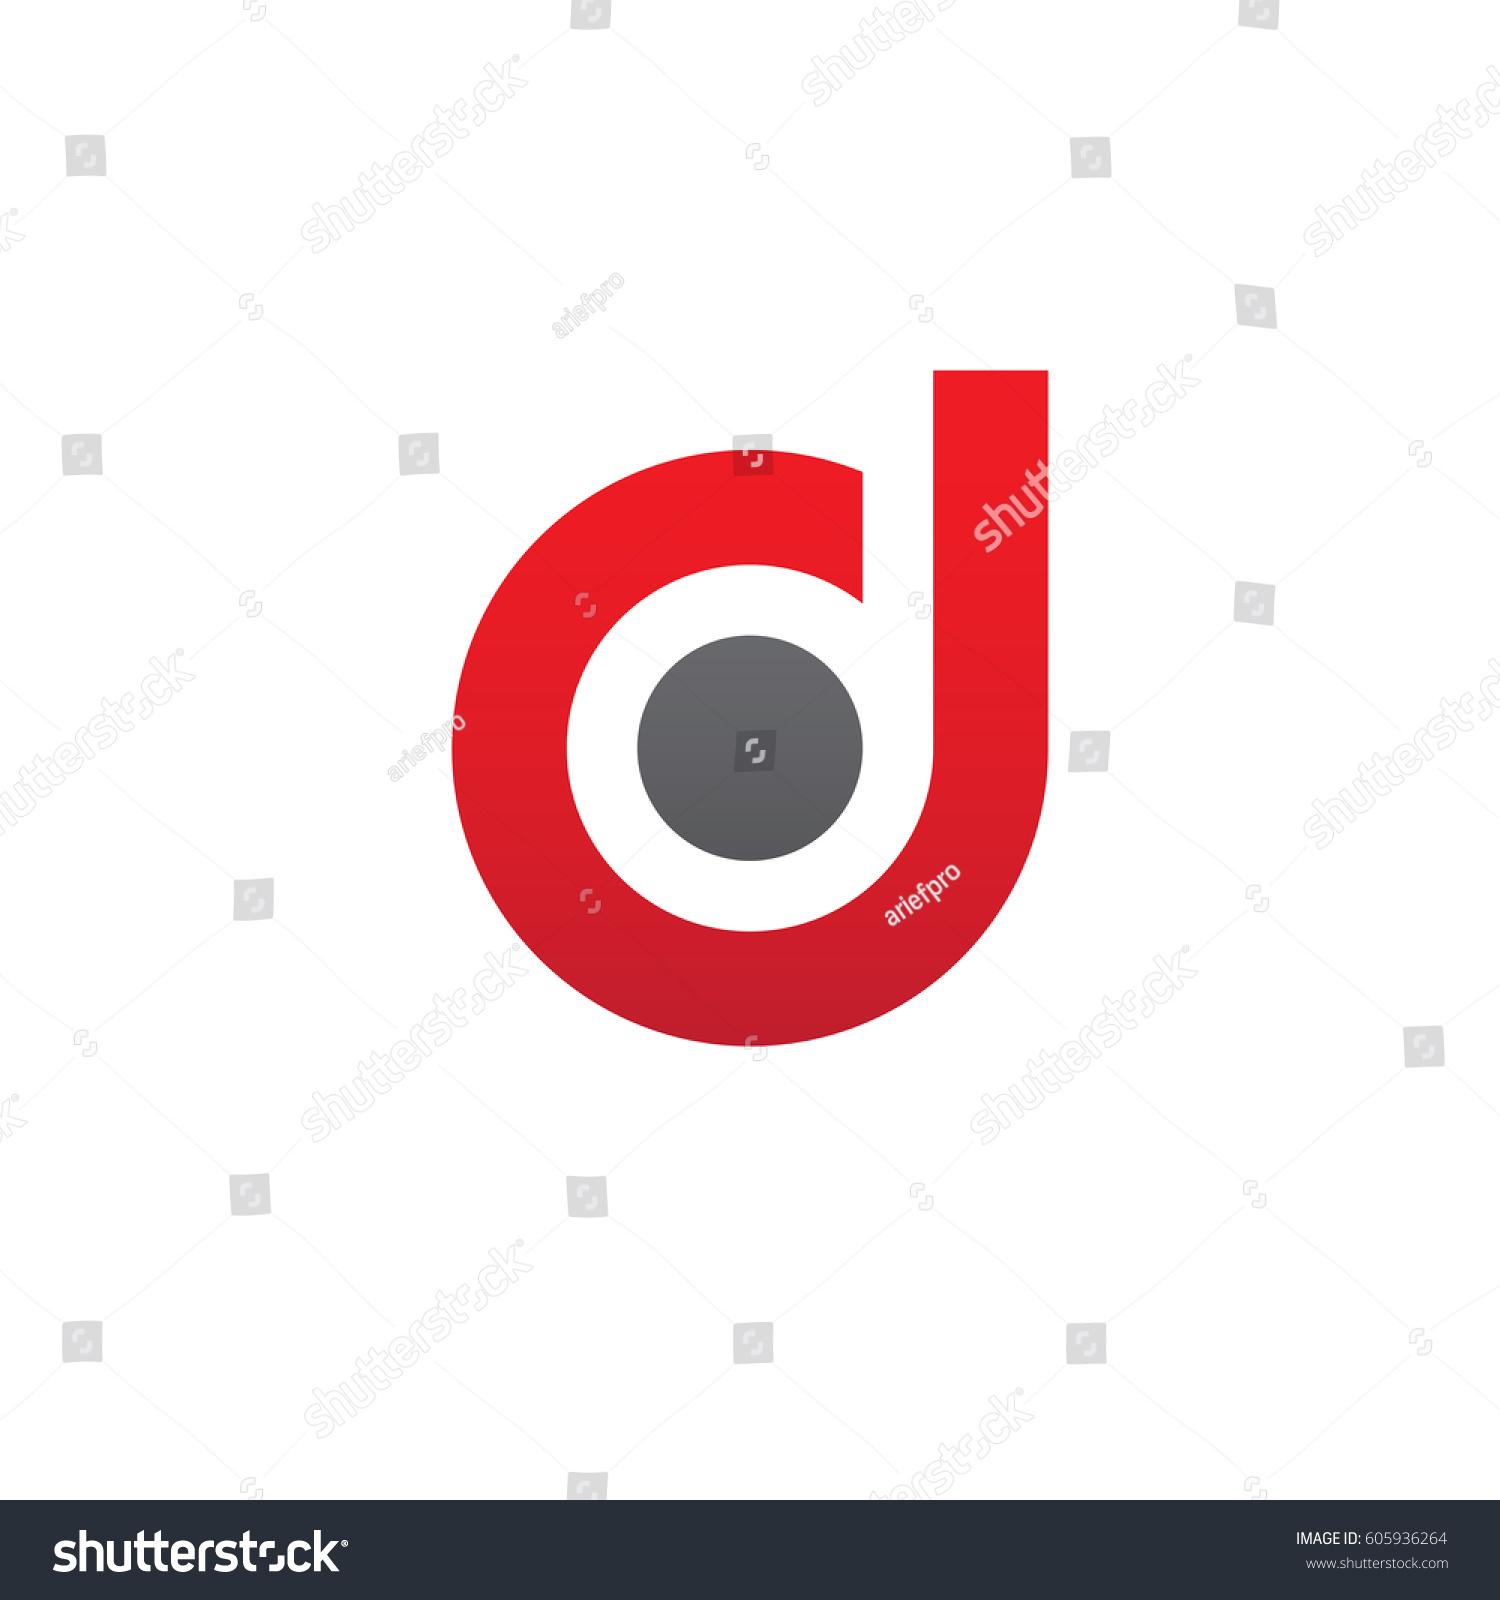 Red d logo